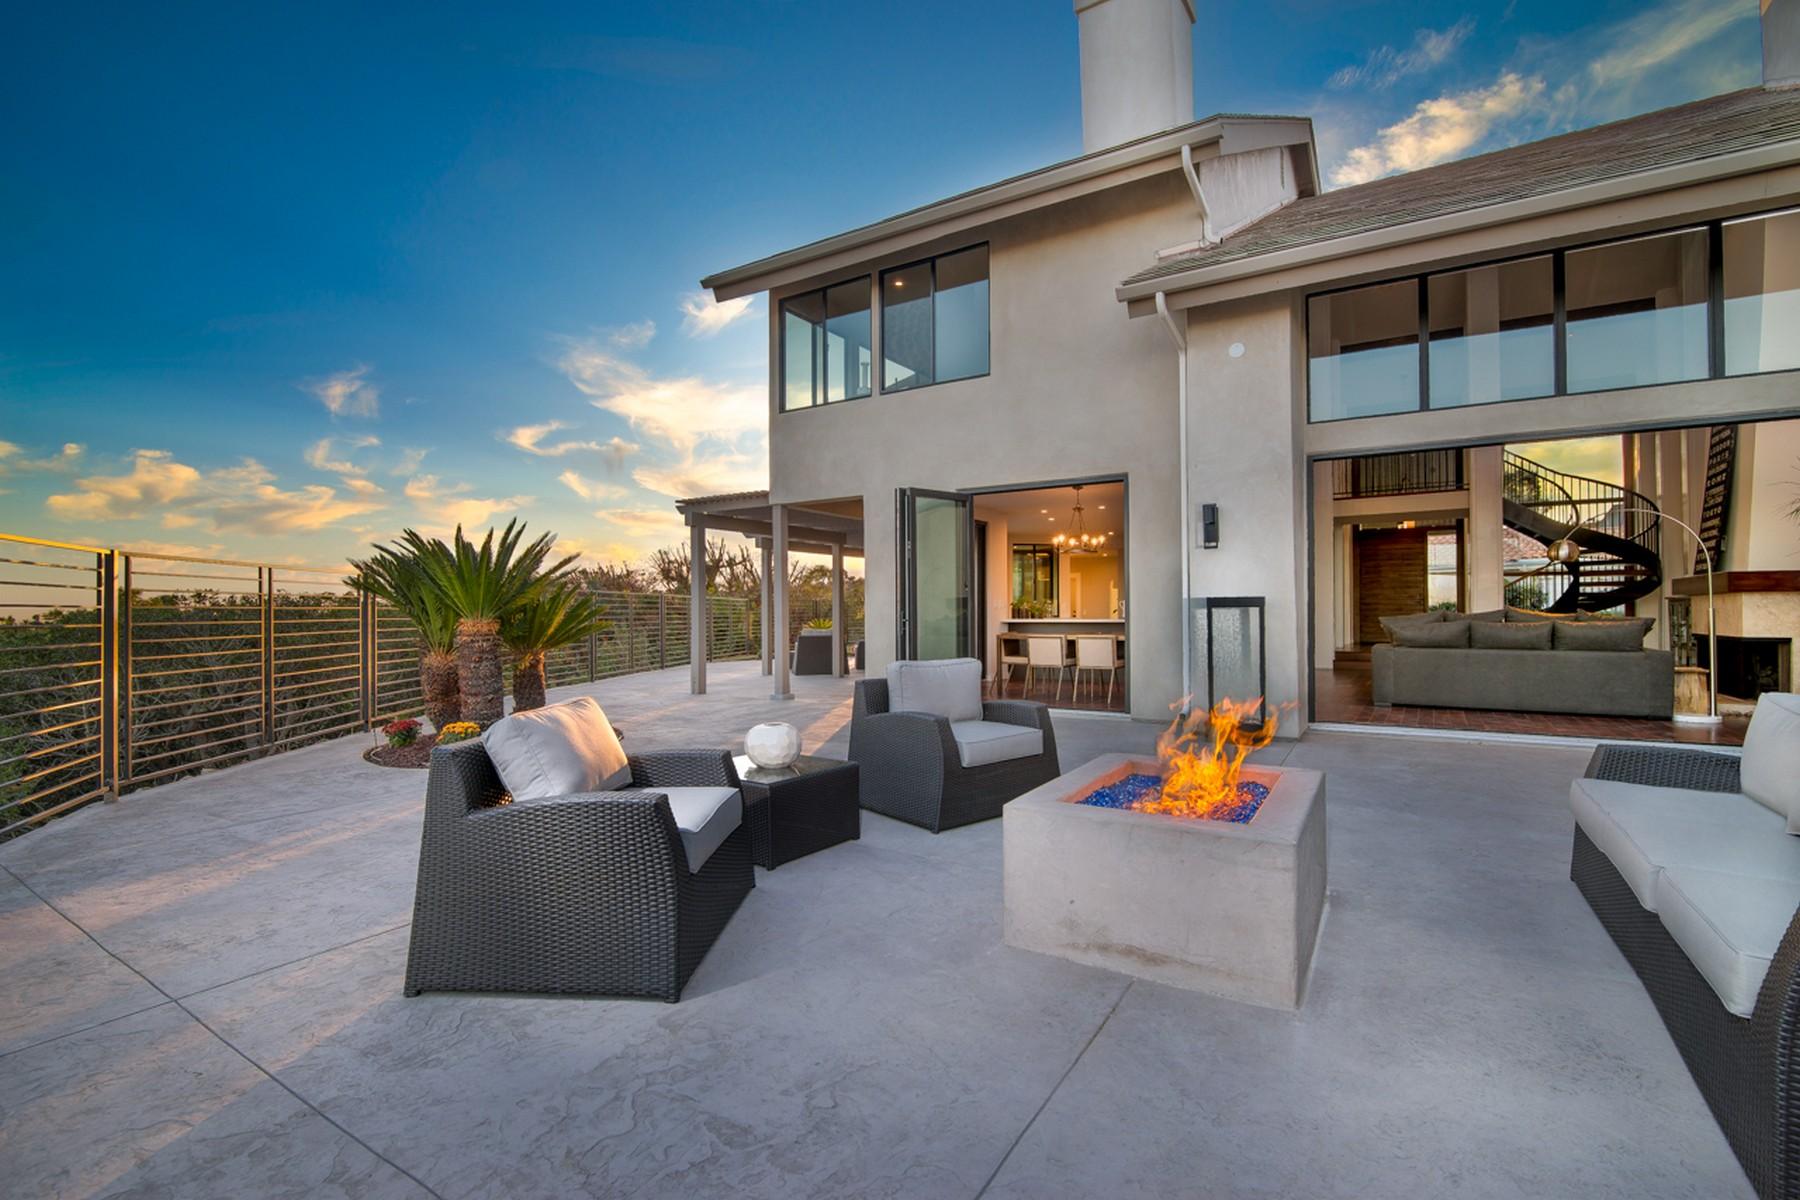 Einfamilienhaus für Verkauf beim 6612 Caminito Hermitage La Jolla, Kalifornien 92037 Vereinigte Staaten